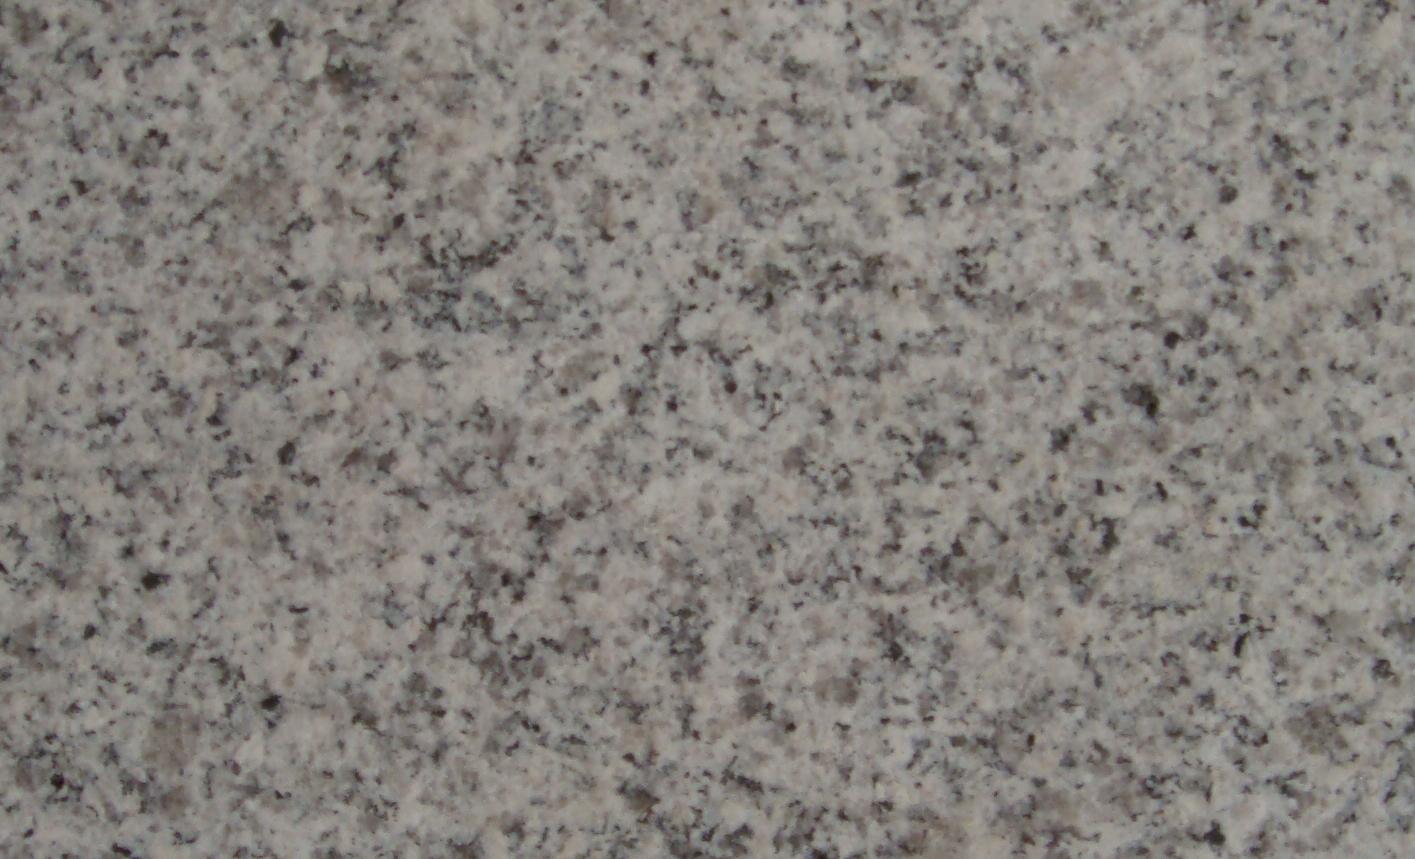 603 granito flameado granito identificaci n del producto for Granito barato precio